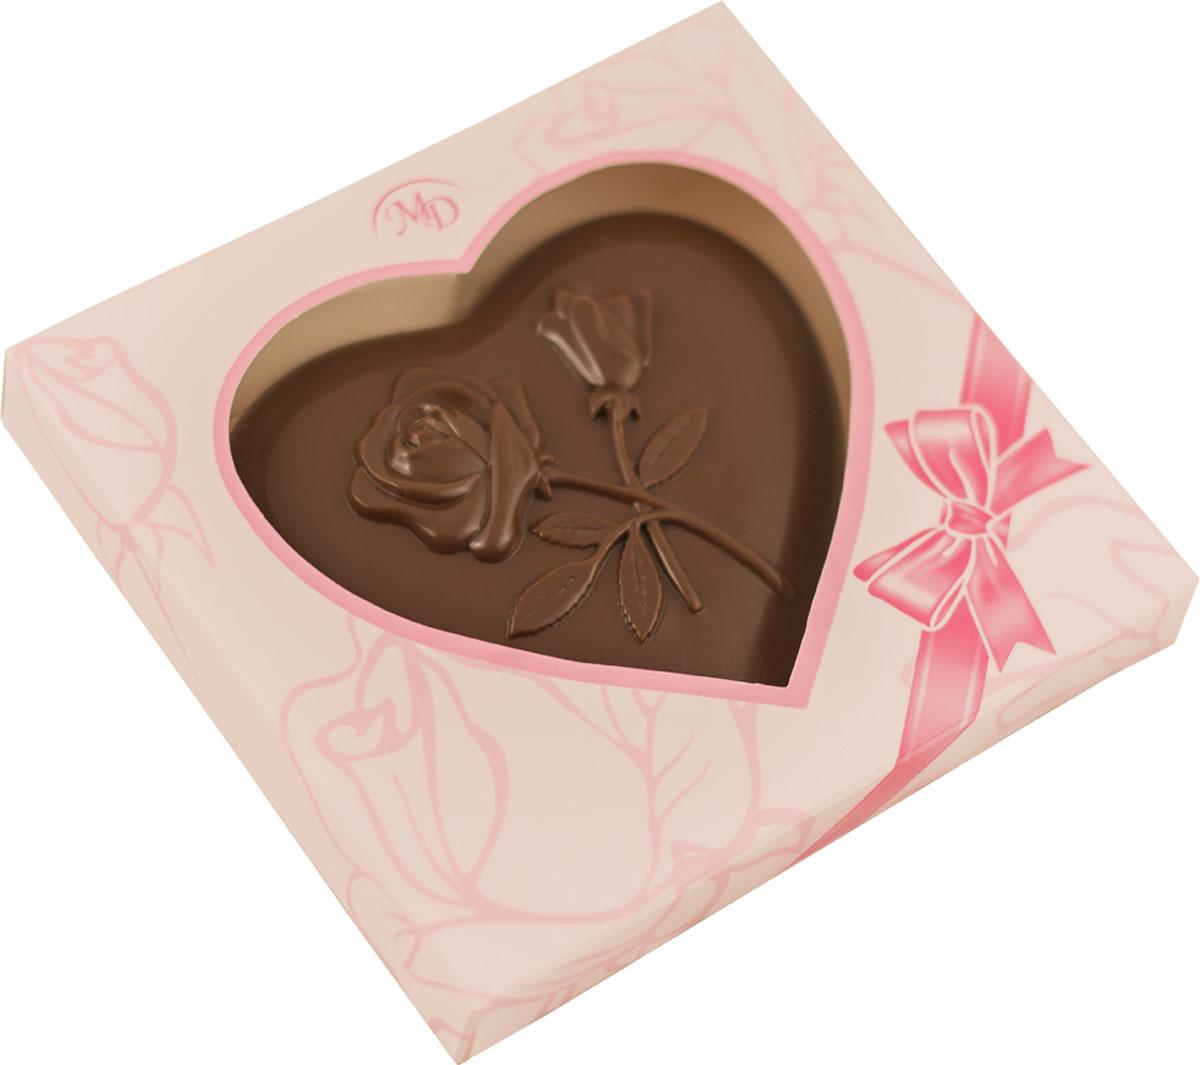 Монетный двор Сердце шоколадная фигура, 100 г3406_розовая упаковкаШоколадная фигура Сердце изготовлено по рецепту натурального классического шоколада на основе какао-масла. Шоколад, из которого сделана фигурка — исключительно высшего качества и был приготовлен по правильной технологии. Чтобы все полезные свойства сохранились и в конечном продукте — то есть шоколадной фигурке, осуществляется тщательный контроль на всех этапах производства с применение развитых технологий. Такой шоколад обладает очень приятным вкусом. Символичный подарок для настоящих романтиков! Вручите это шоколадное сердце своей второй половине, приведя её (или его) в полный восторг.